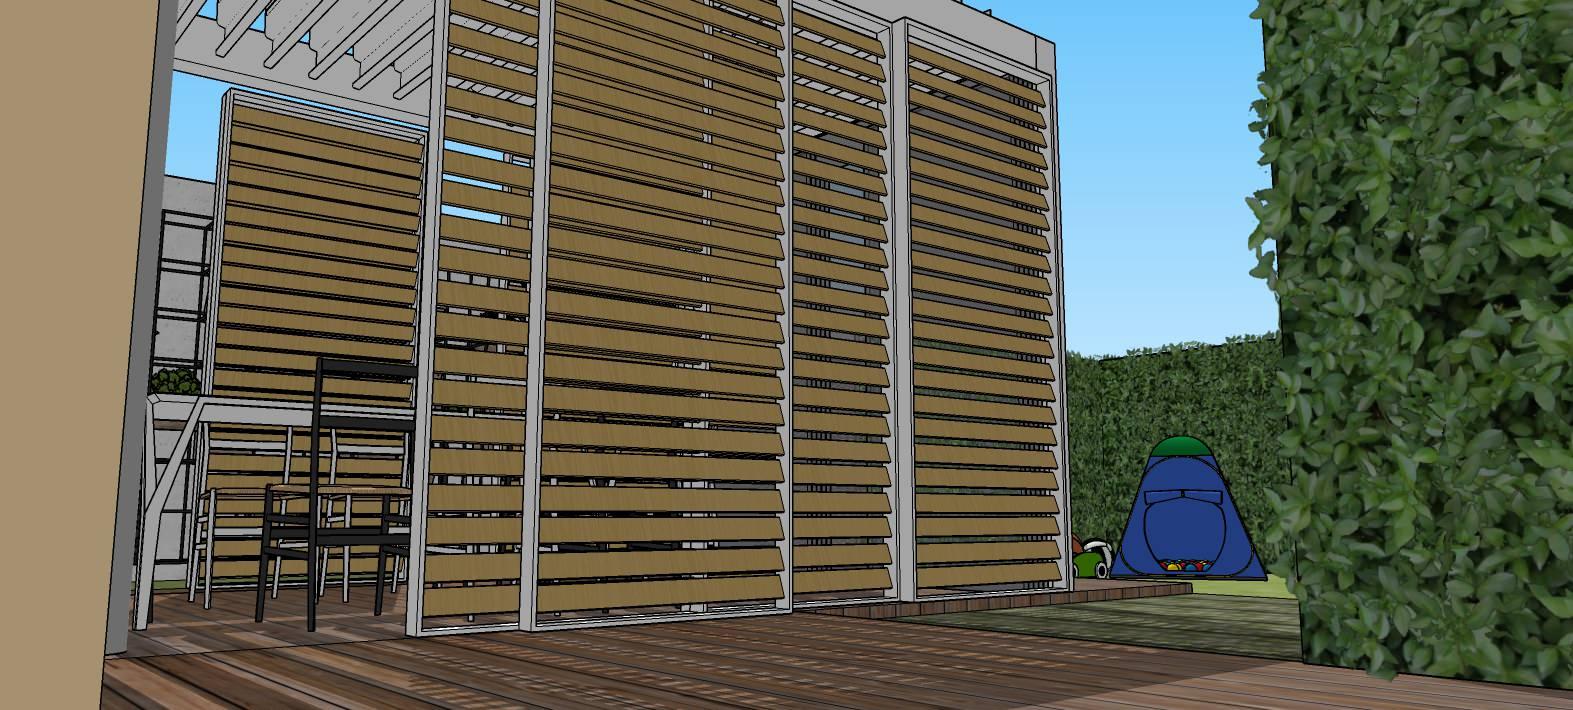 Vista generale dell'abitazione e degli spazi esterni in progetto.